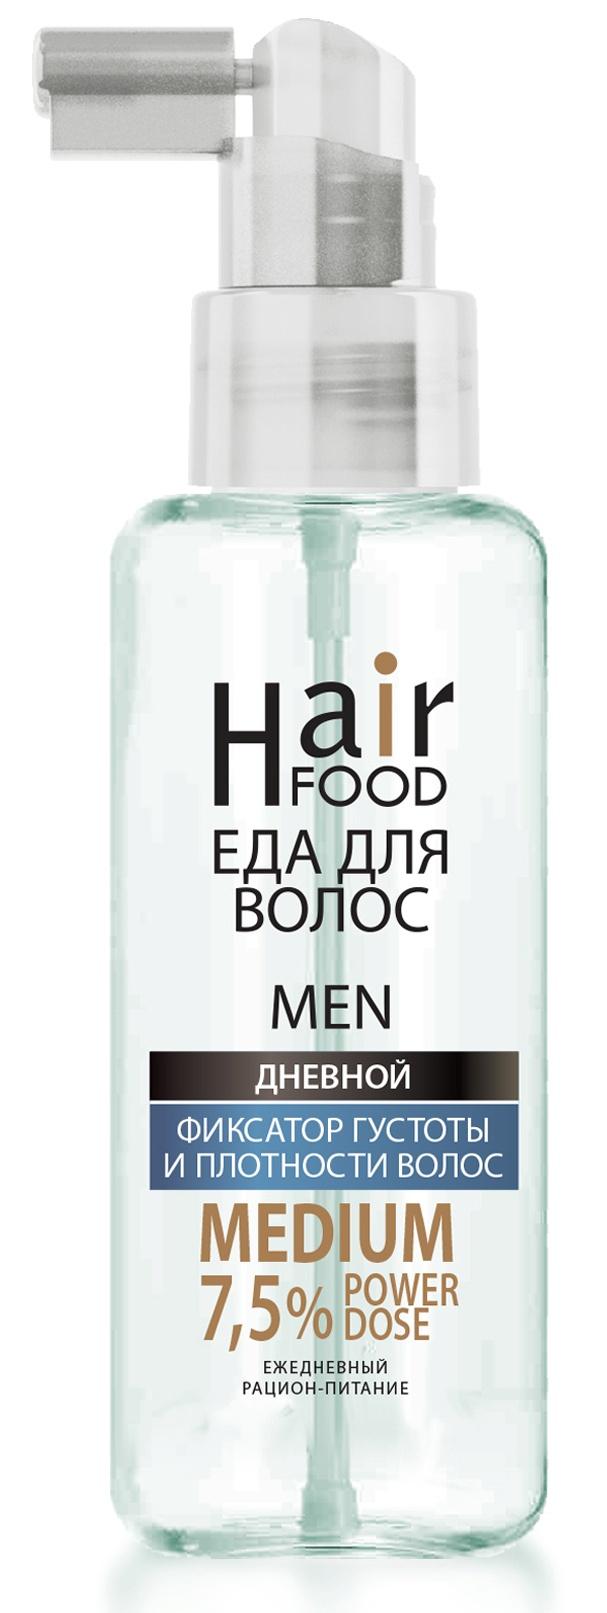 Средство для лечения кожи головы и волос HairFood Дневной фиксатор густоты MEN MEDIUM 7,5 % средство для лечения кожи головы и волос hairfood дневной фиксатор густоты men medium 7 5